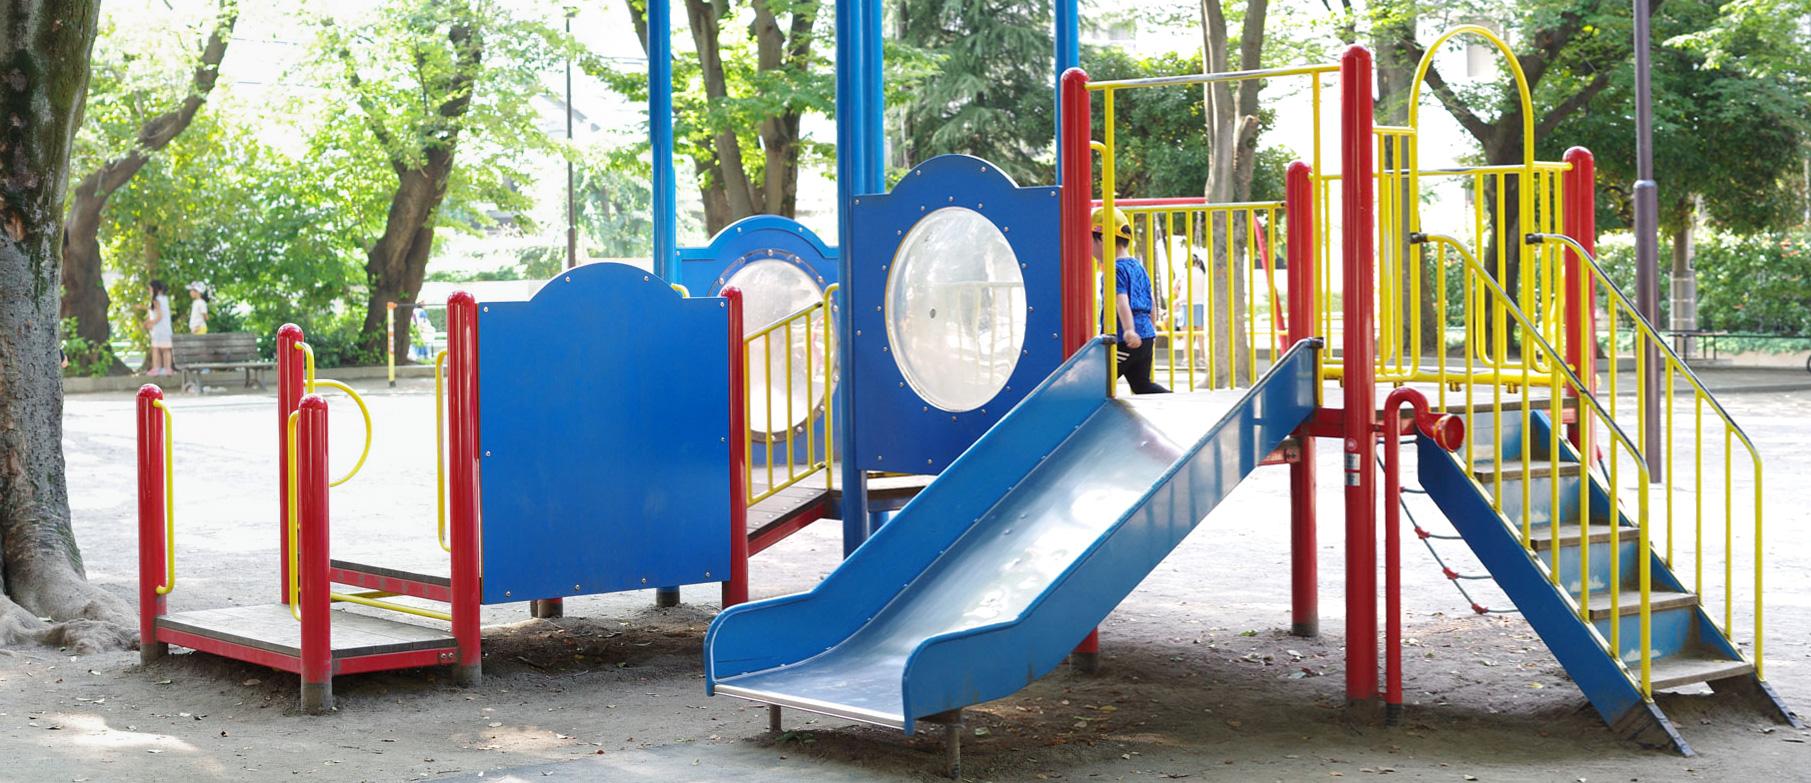 練馬区豊玉公園(タコ公園)にある複合遊具